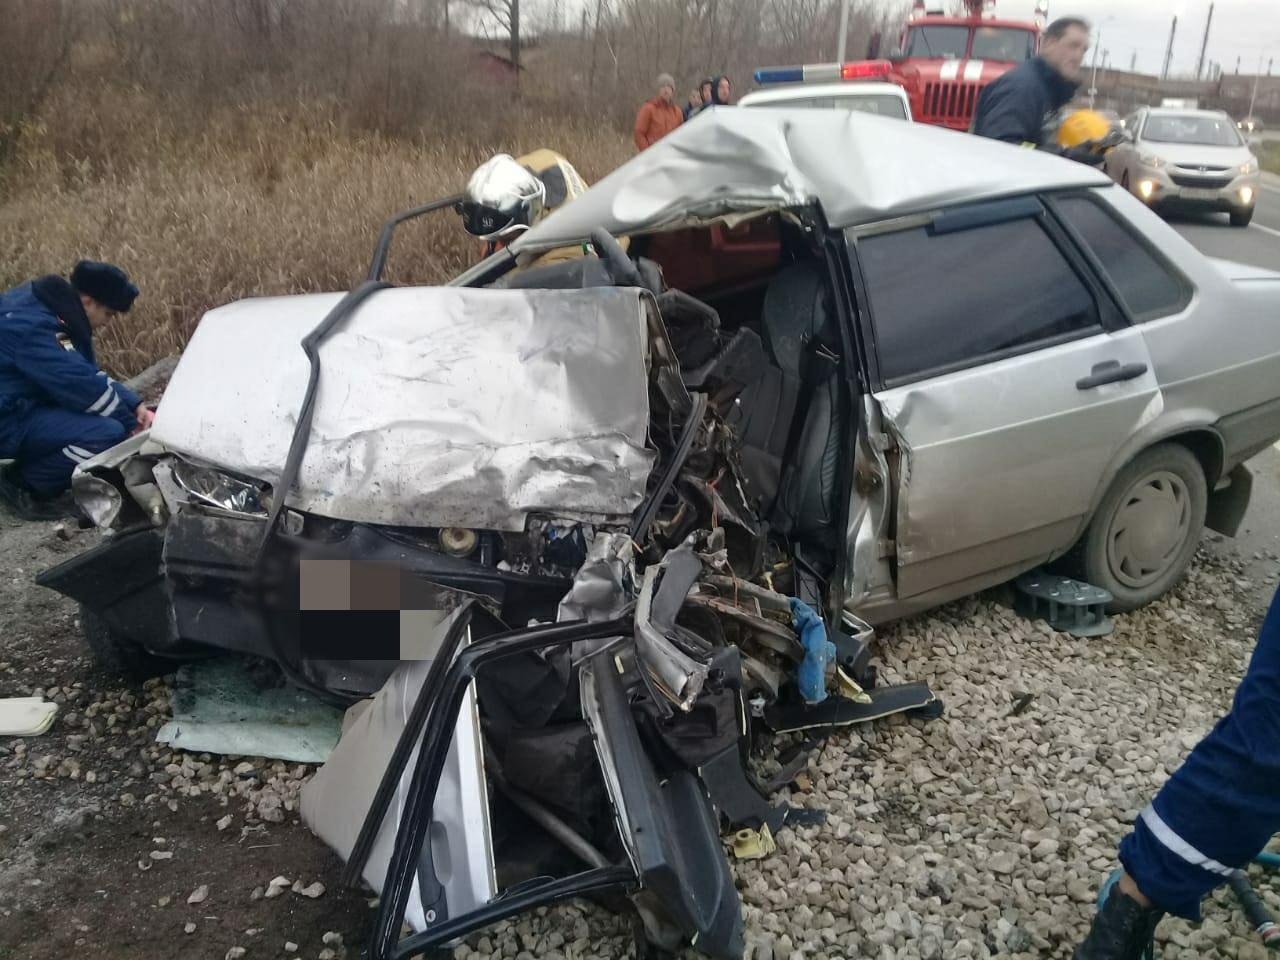 В Уфе в столкновении с фурой погиб водитель легковушки – Тело оказалось зажато в салоне